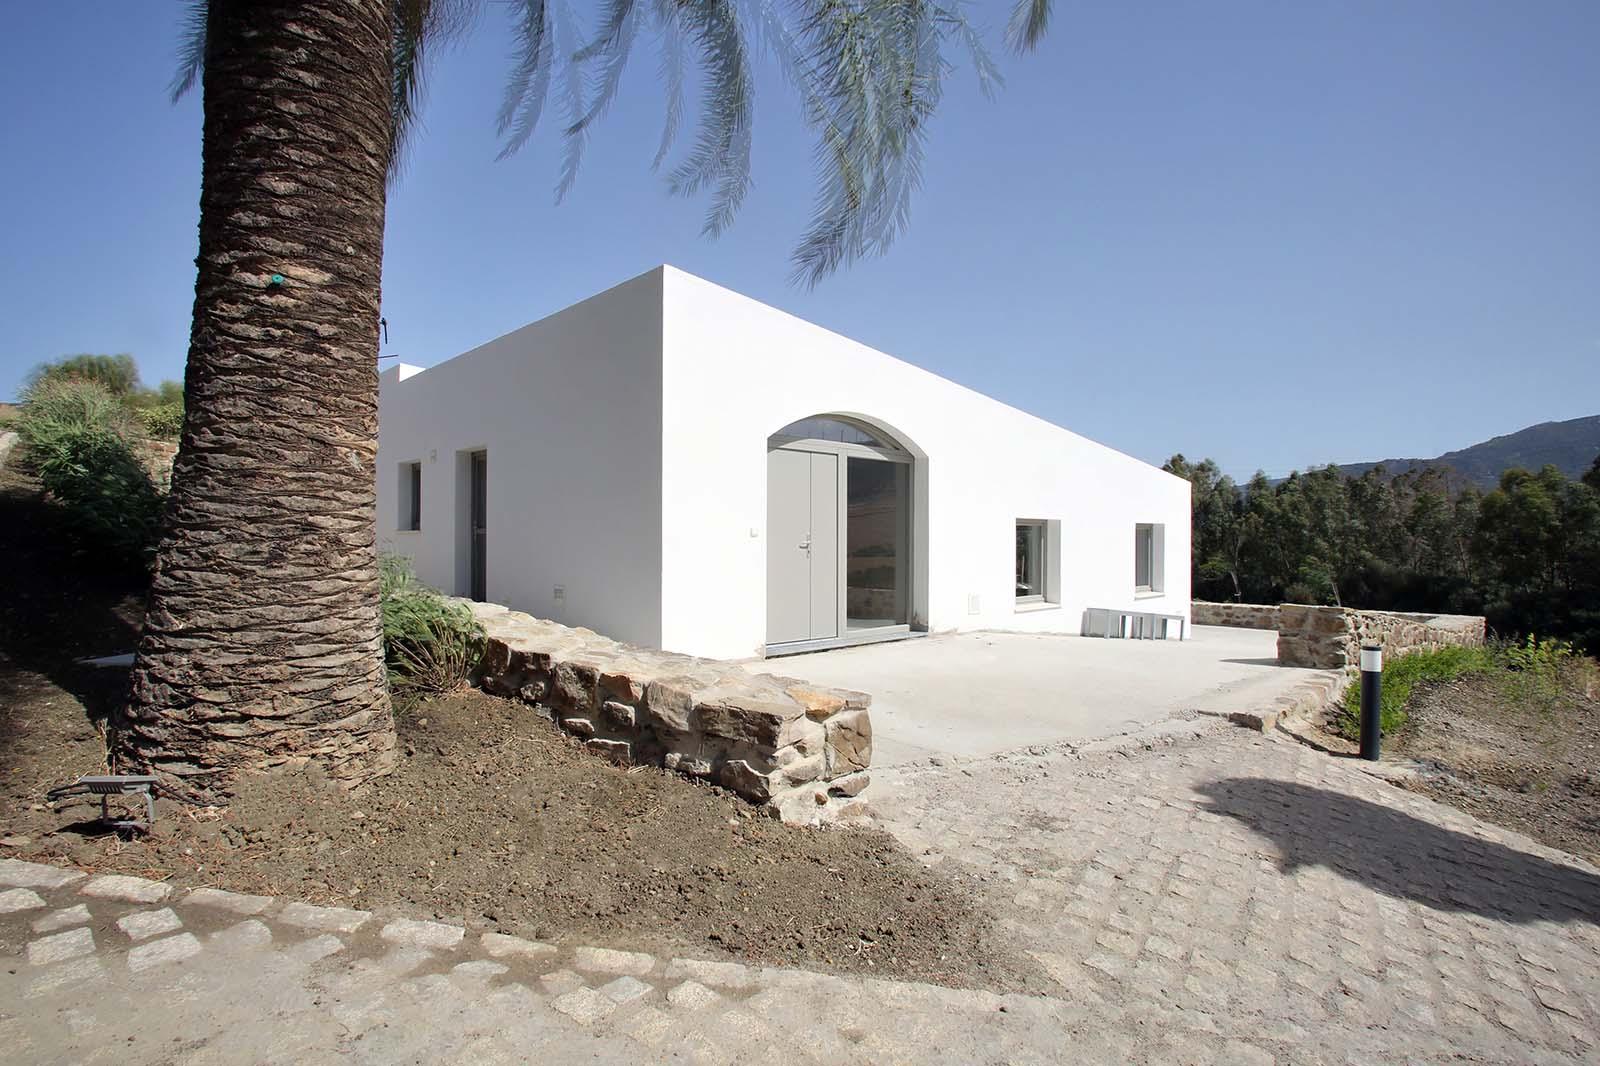 Nave Tarifa - Pez Arquitectos